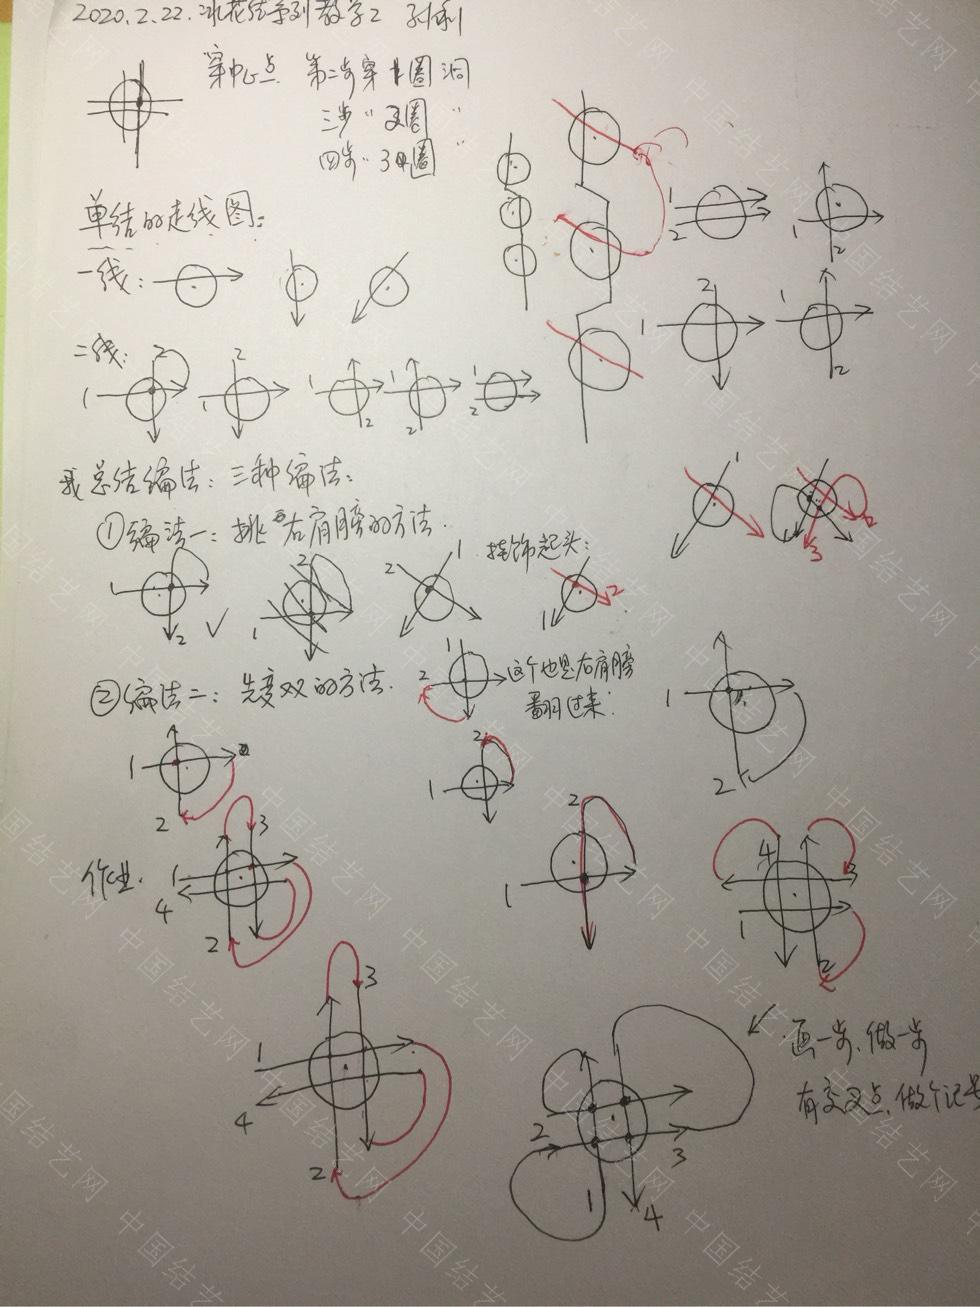 中国结论坛 冰花结系列教学2~从走线图学起~视频教学 视频教学,视频,学起,线图,系列 视频教程区 051819mpti33n0crytlttp